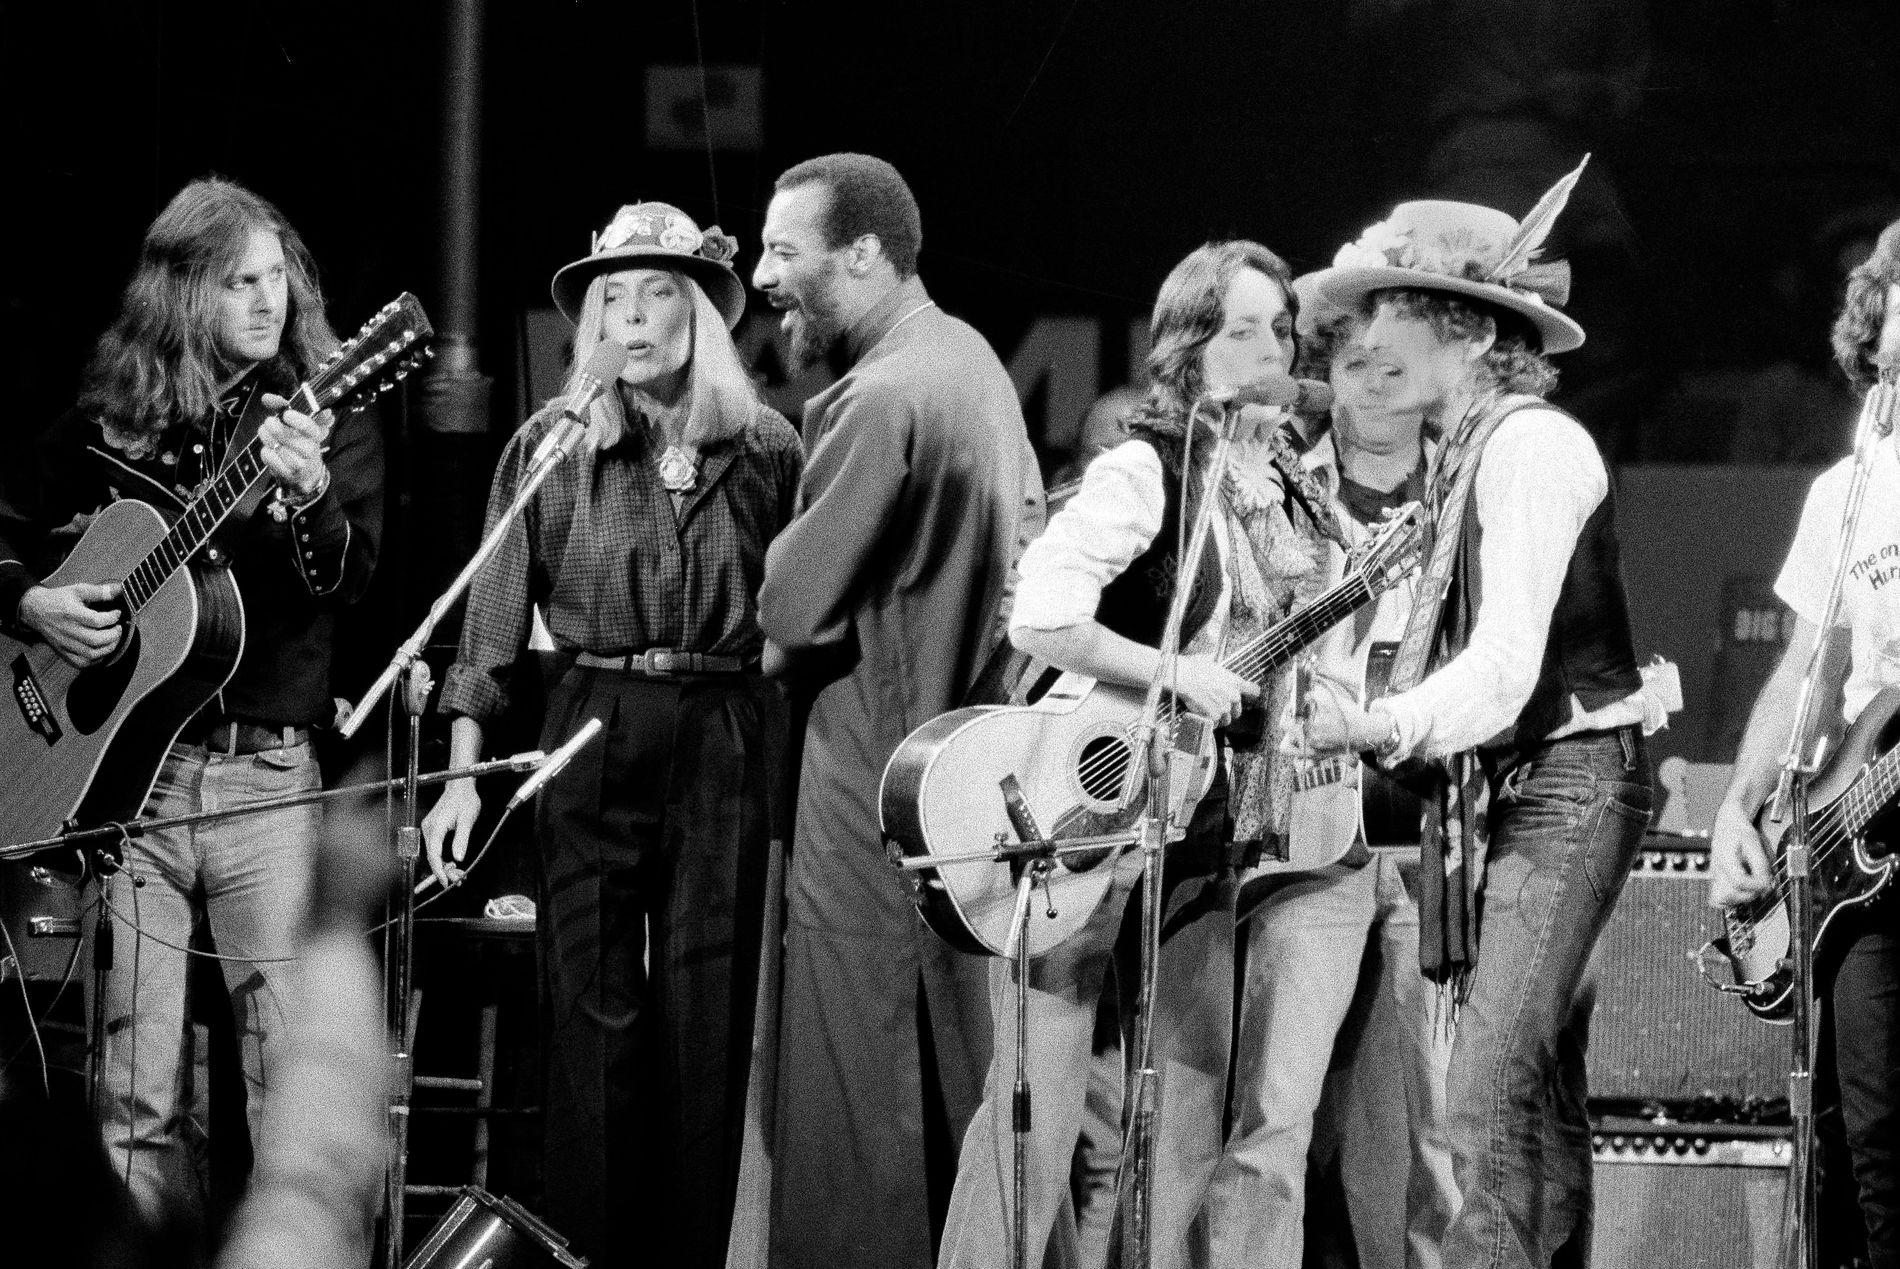 LEGENDARISK: Musikerne Roger McGuinn, Joni Mitchell, Richie Havens, Joan Baez og Bob Dylan under finalen av «The Rolling Thunder Revue»-turneen i desember 1975.